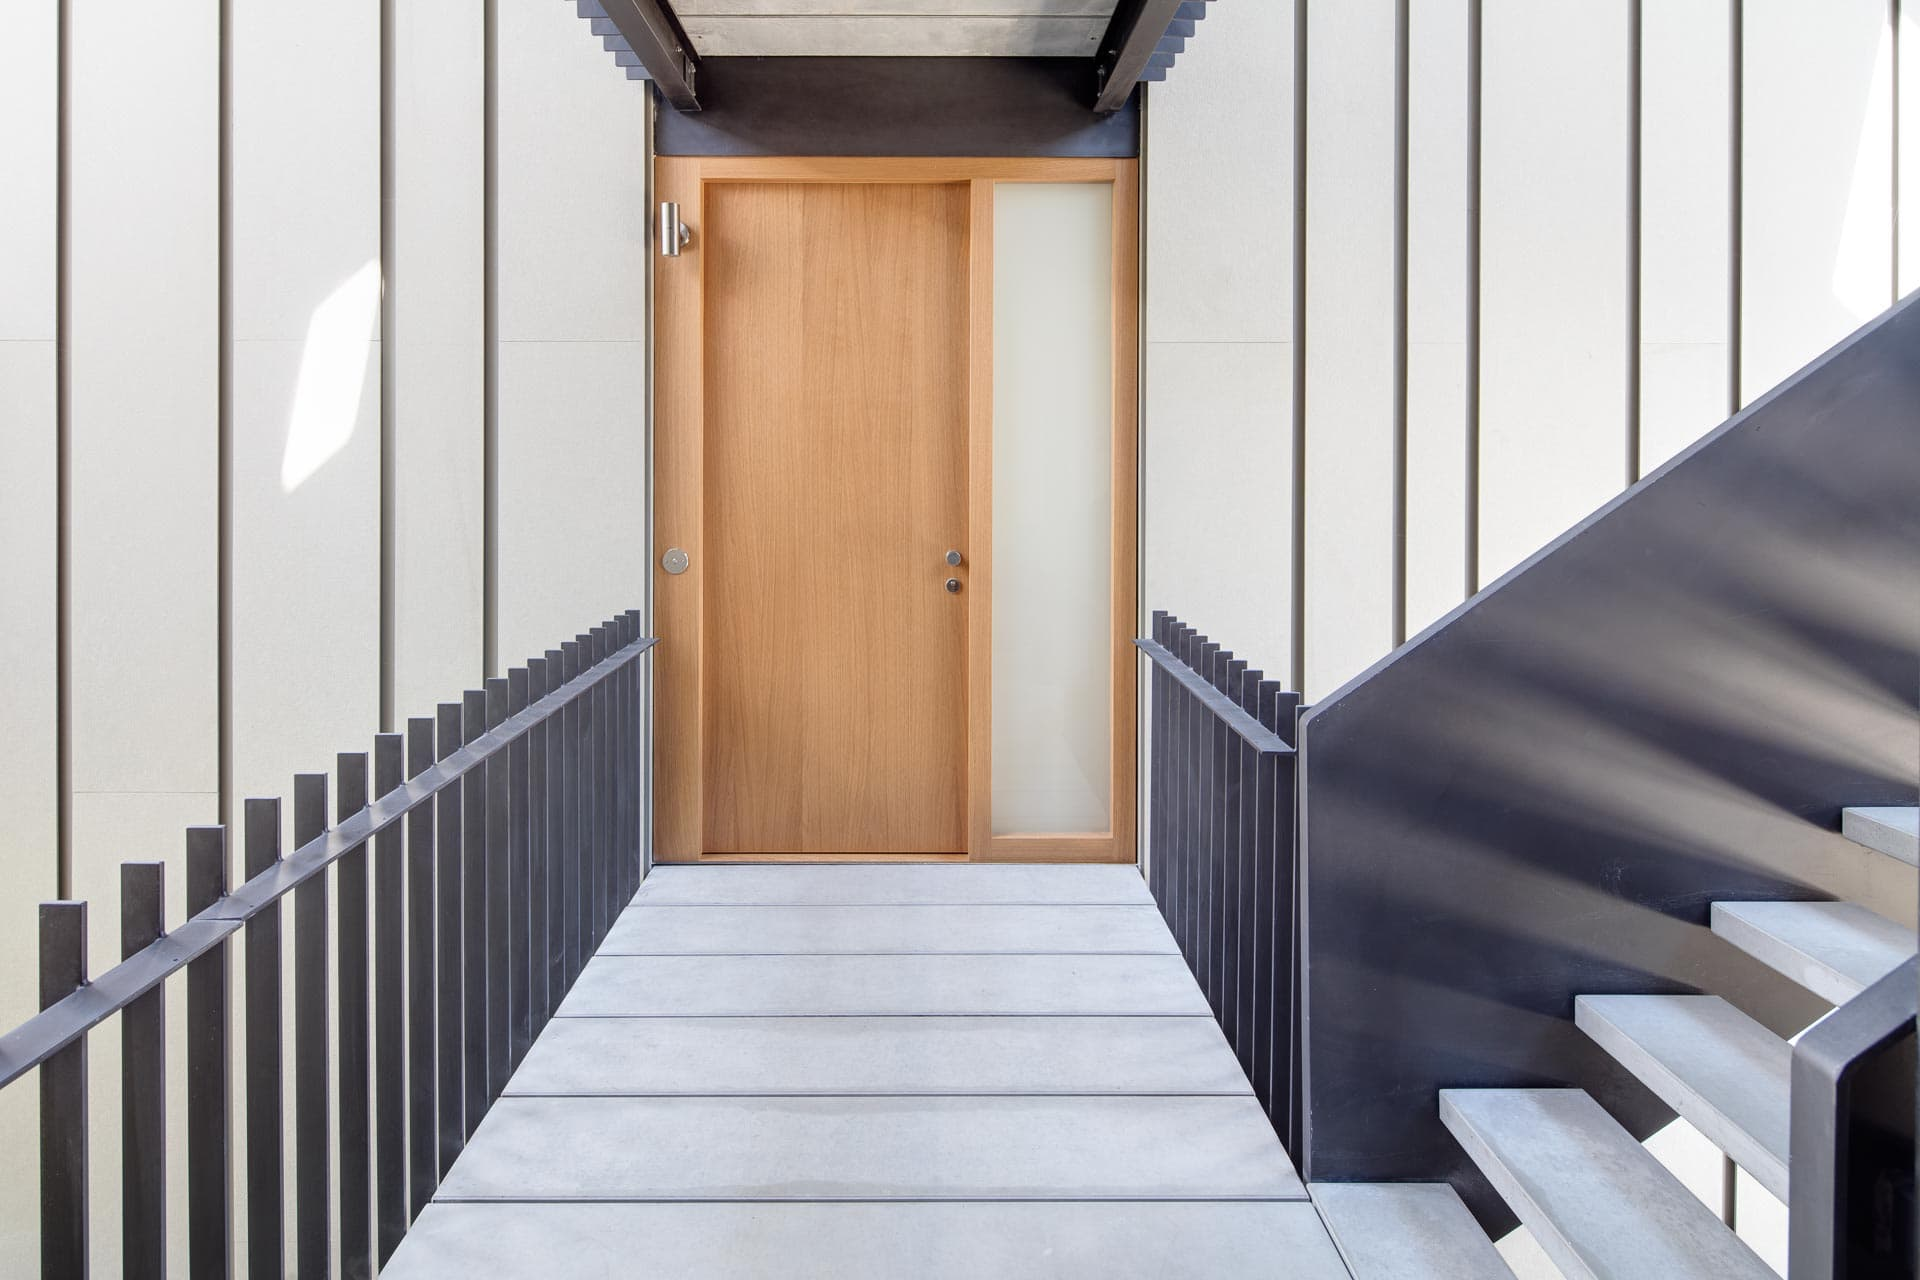 Architekturfotografie Bauherrengemeinschaft Gutshof Gässle 19, Efringen-